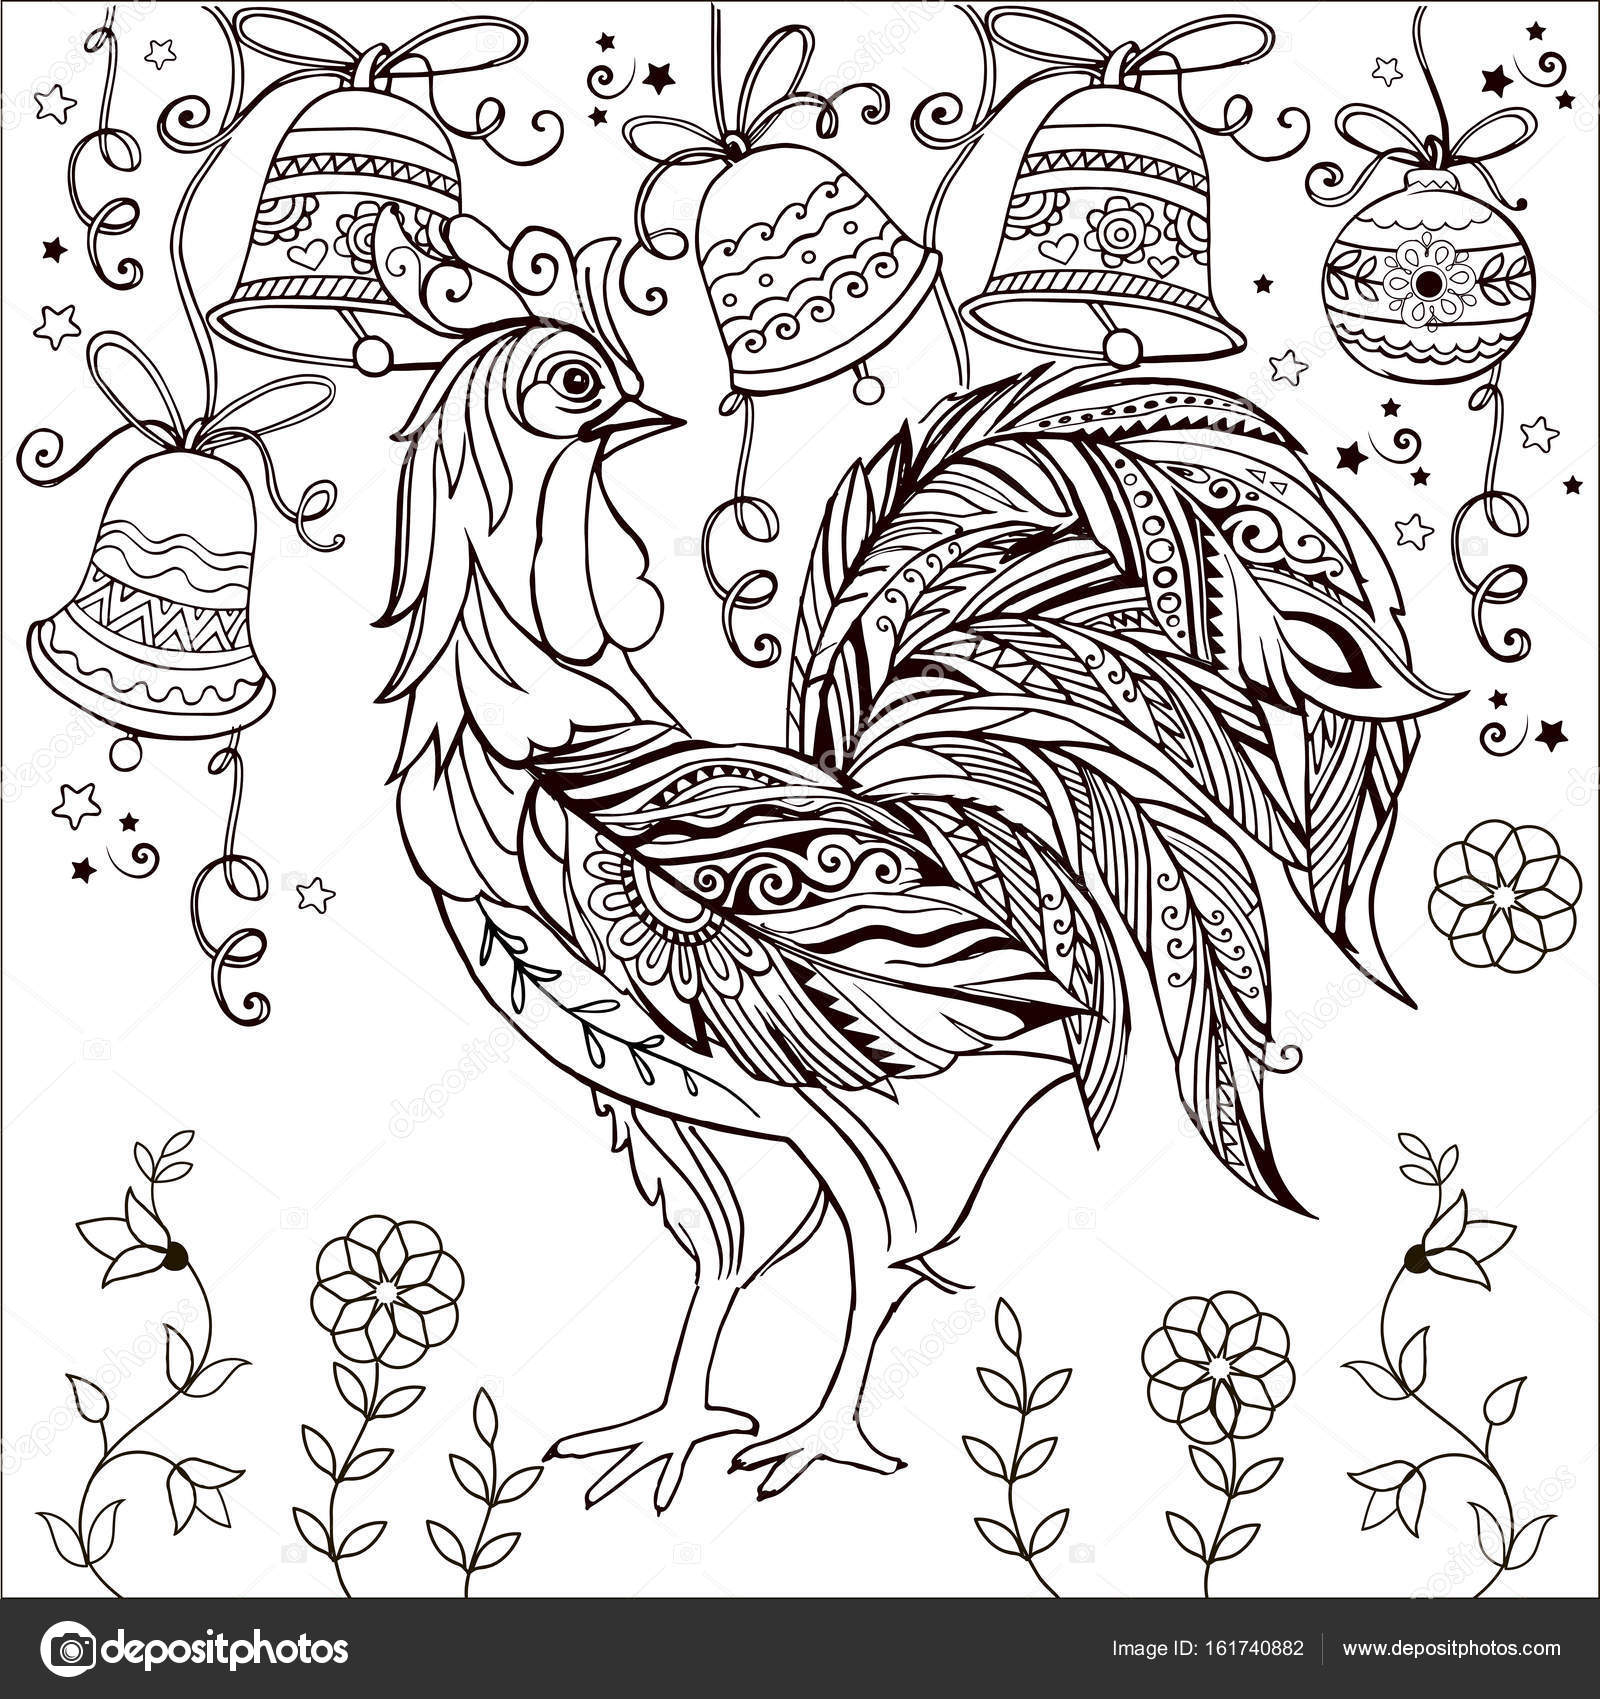 Dekoratif Horoz Tek Renkli Boyama Sayfası Neşeli Noel çan Stok